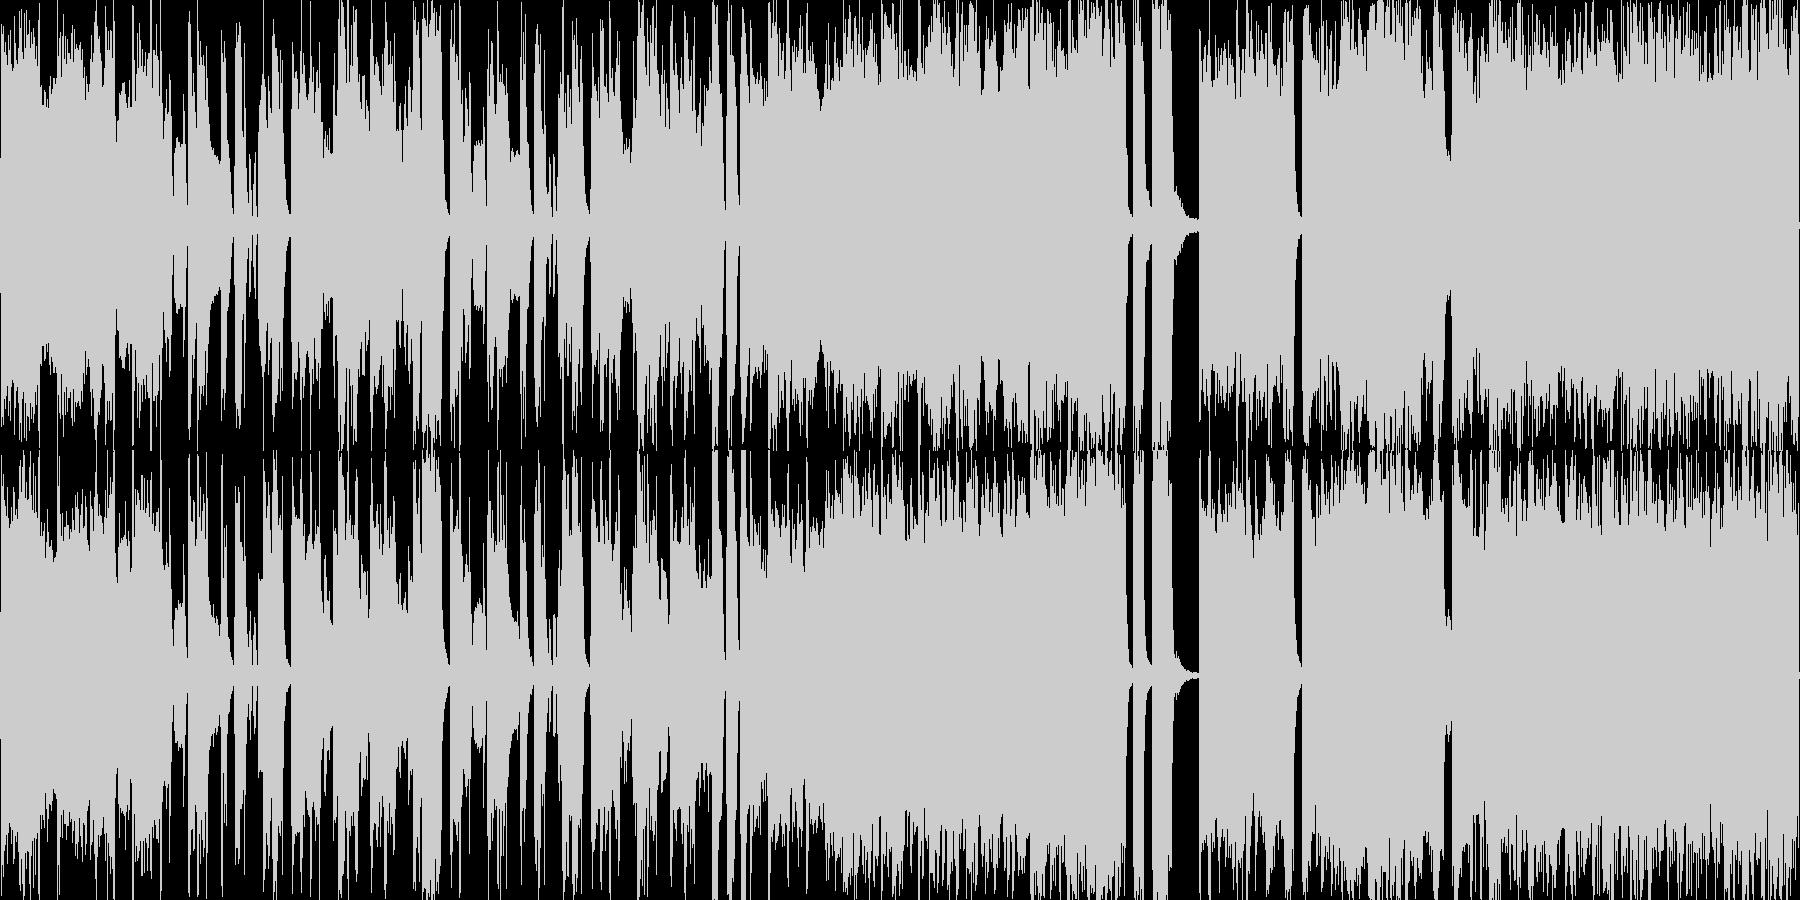 ループ音源ファンクオーケストラホーンの未再生の波形